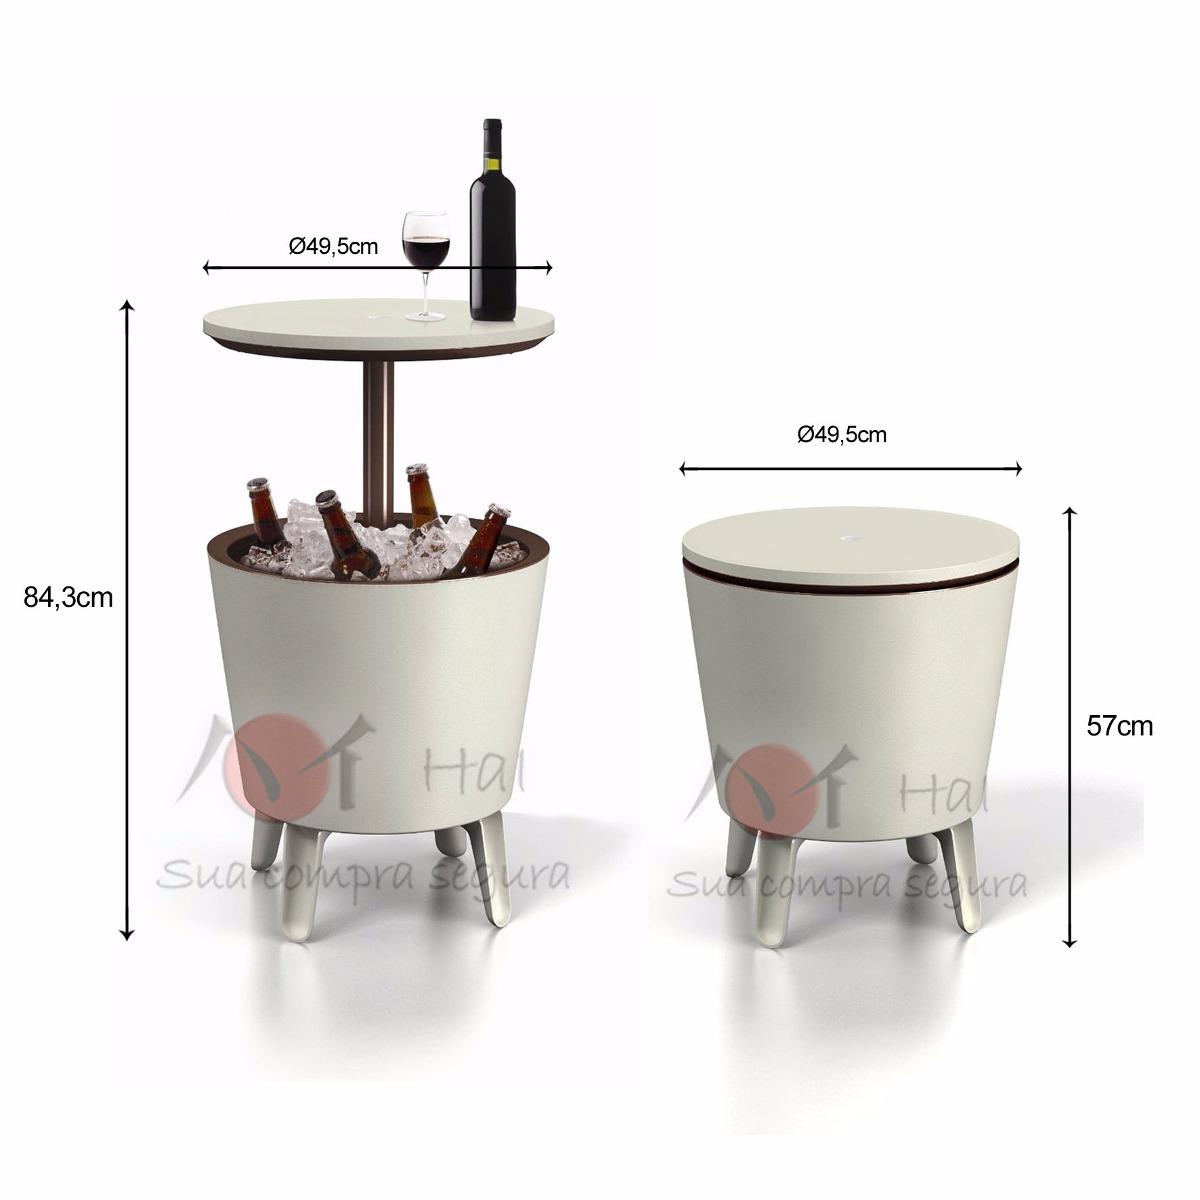 Cooler Bar Keter Porta Bebidas Caixa Trmica Mesa De Apoio  R 49800 em Mercado Livre